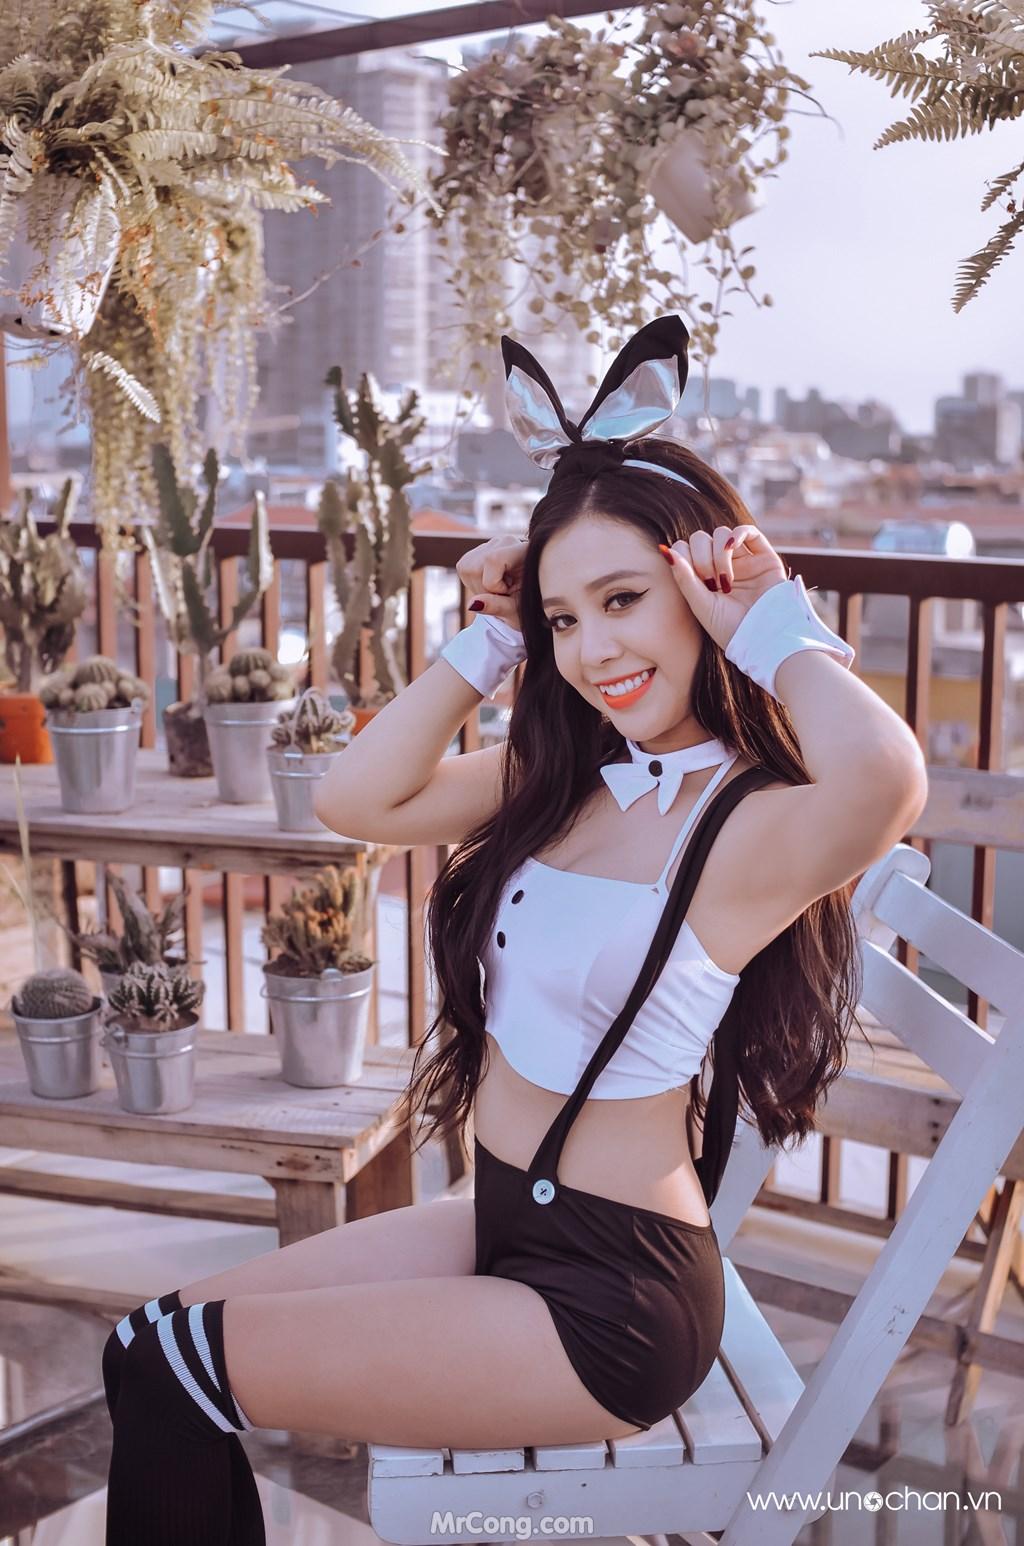 Image Vietnamese-Girls-by-Chan-Hong-Vuong-Uno-Chan-MrCong.com-012 in post Gái Việt duyên dáng, quyến rũ qua góc chụp của Chan Hong Vuong (250 ảnh)